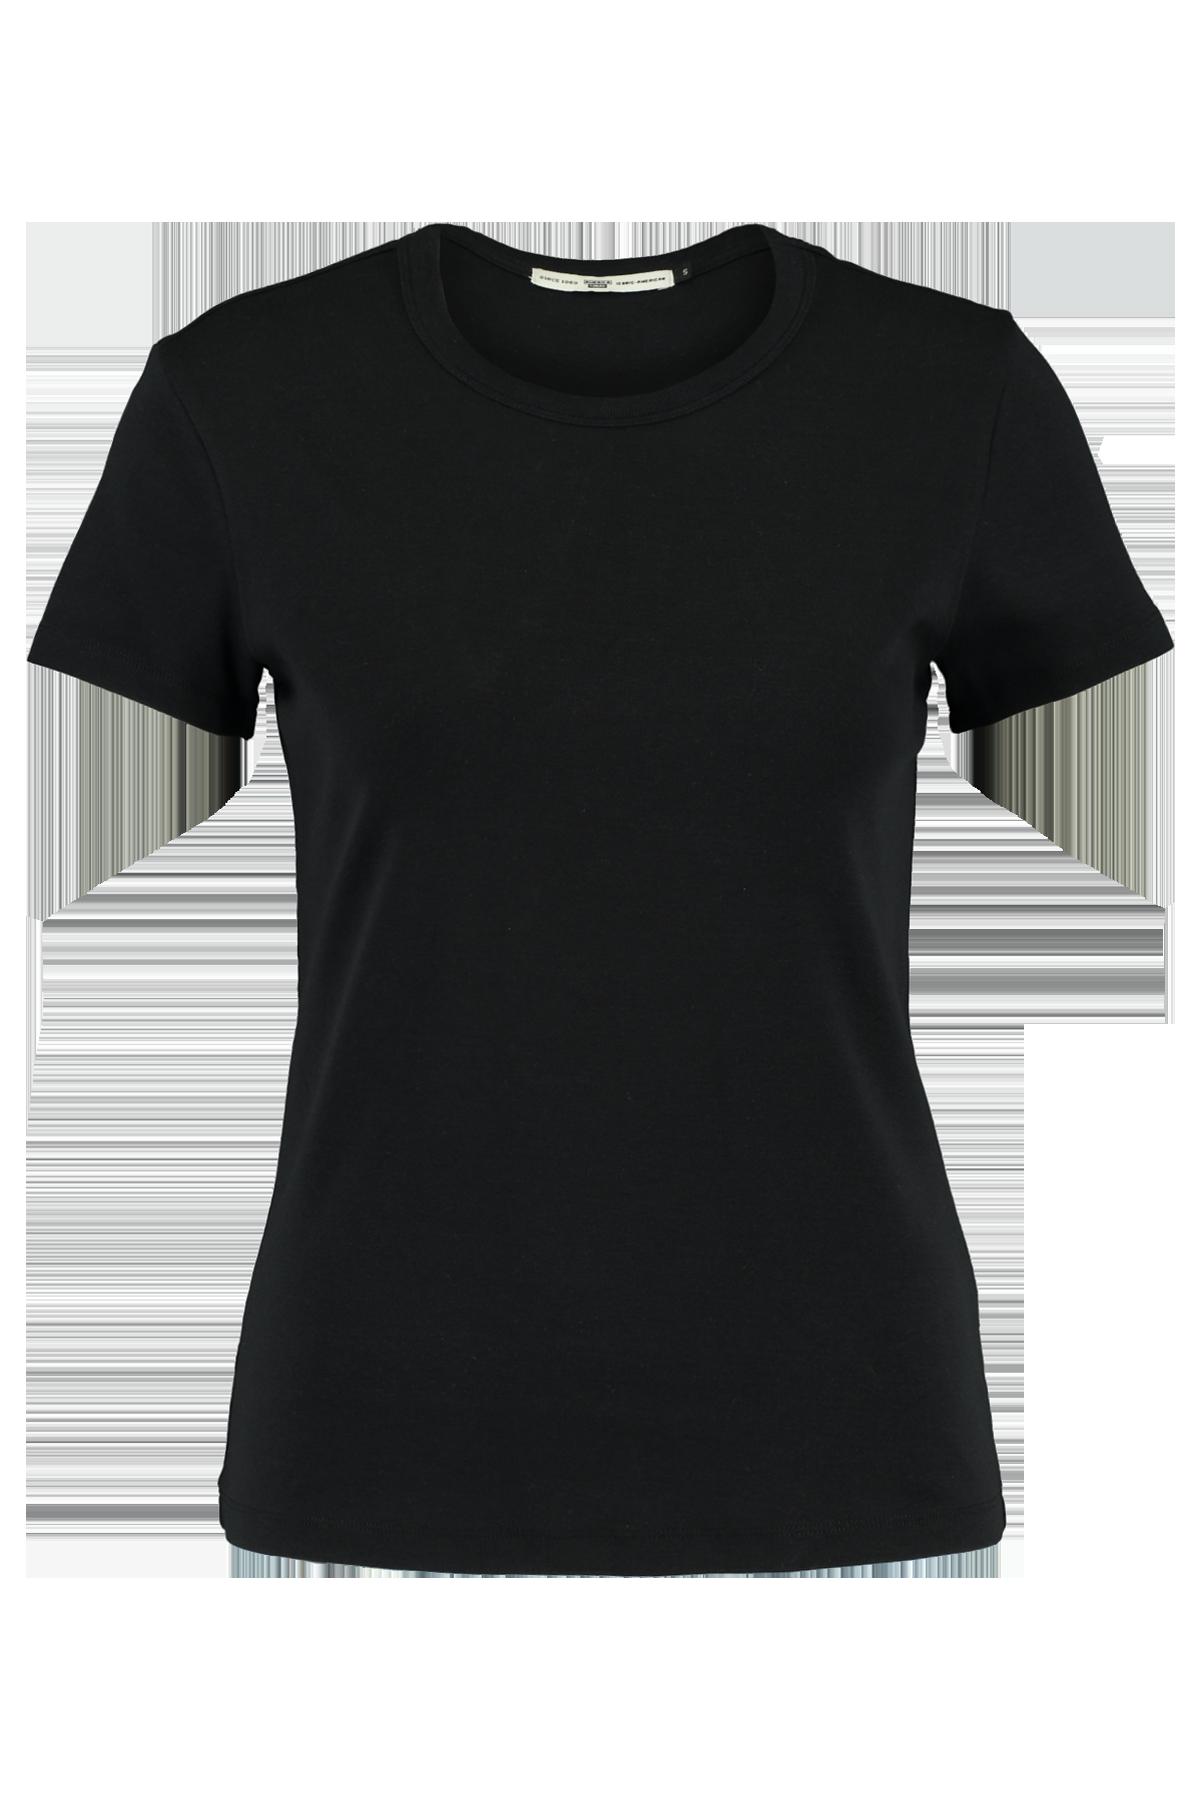 T-shirt Eva